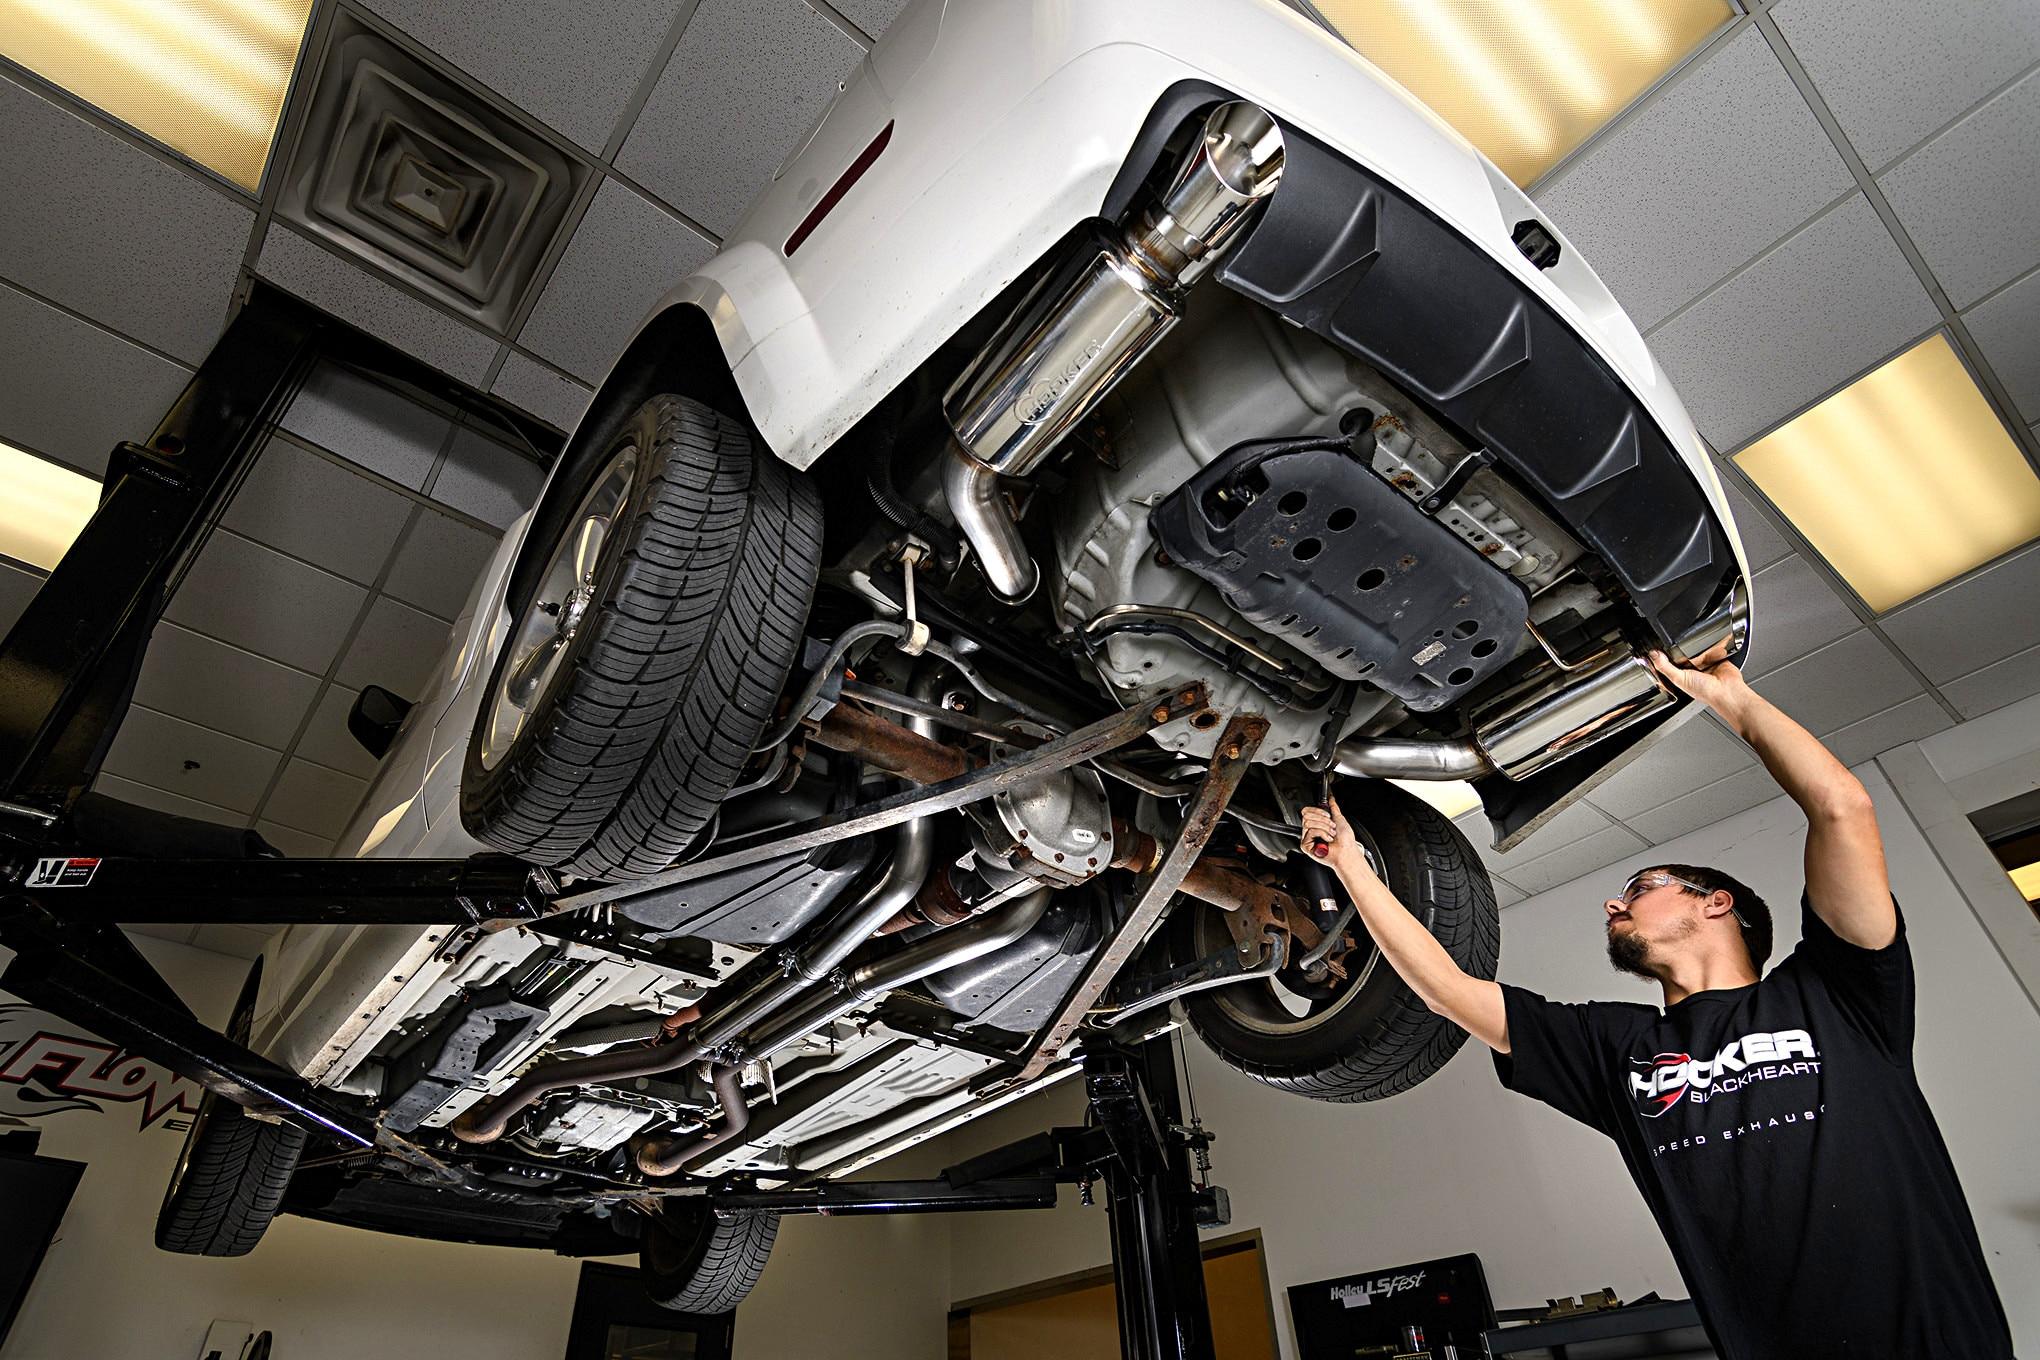 Blackheart Hooker Mustang Gt Exhaust 001